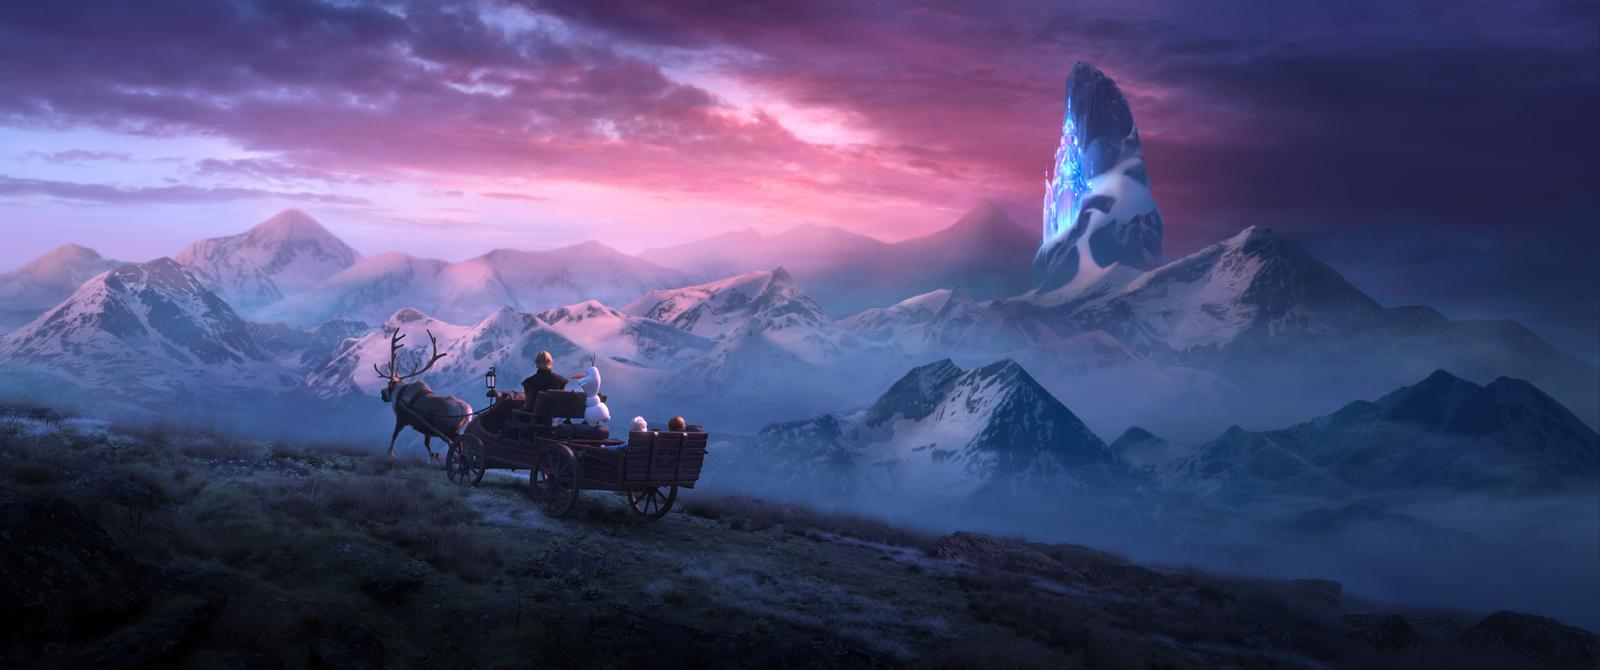 [Films] La Reine des neiges 2 5661999